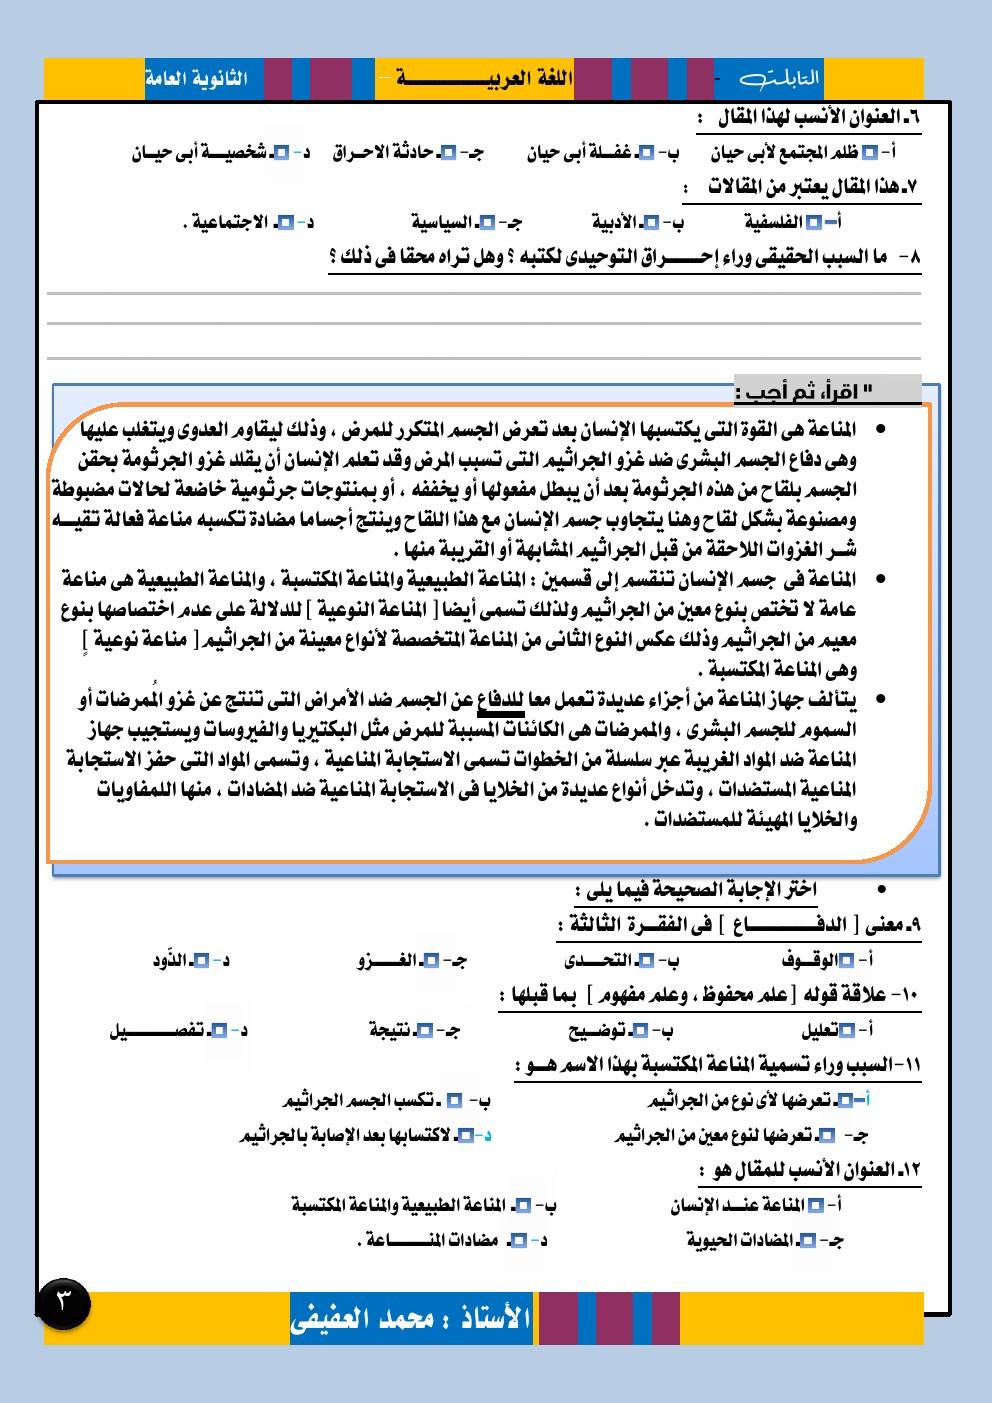 مراجعة لغة عربية للصف الثالث الثانوى نظام جديد أ/ محمد العفيفى 11106